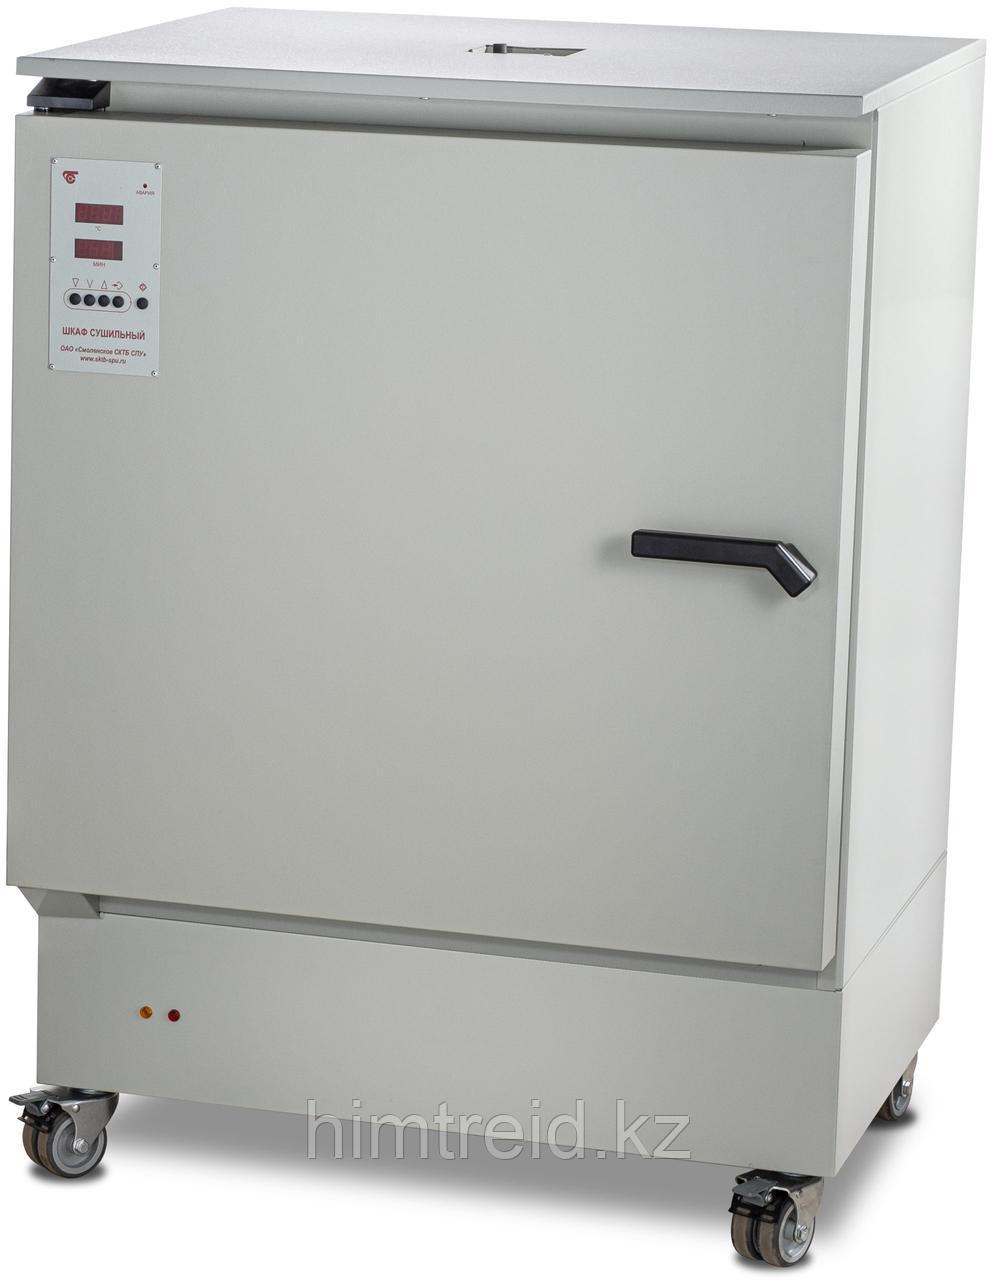 Сушильный шкаф ШС-160 СПУ арт 2006 (160 л, +200С, регул..скорости нагрев., ночной режим, нерж, эвм)